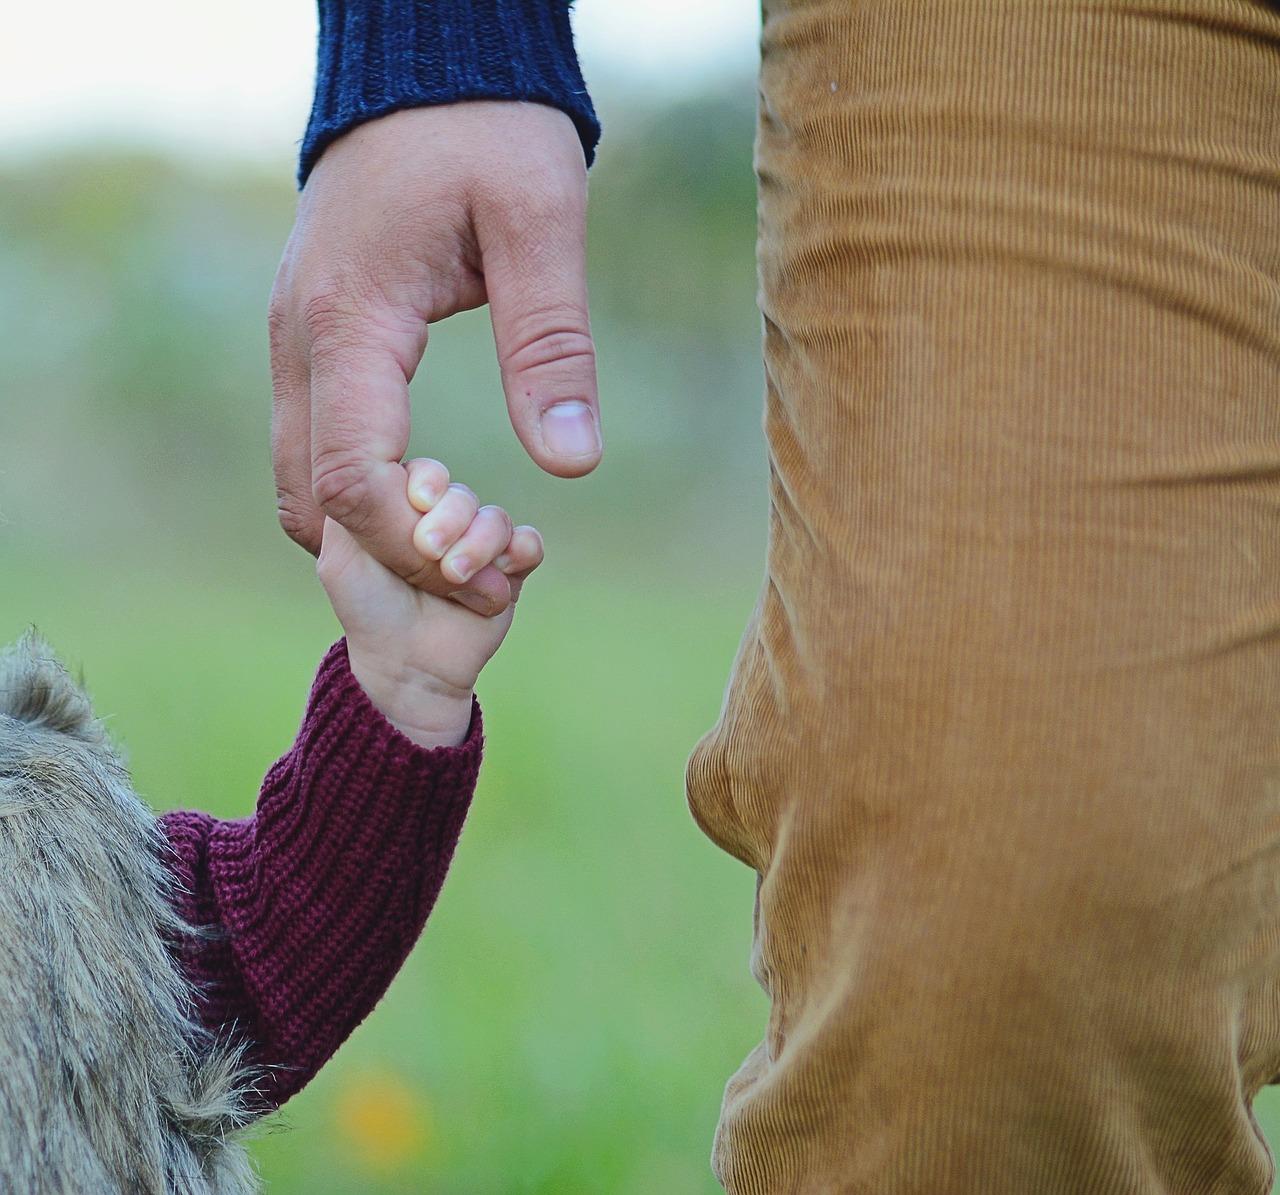 Longo período de vínculo socioafetivo não impede desconstituição da paternidade fundada em erro induzido